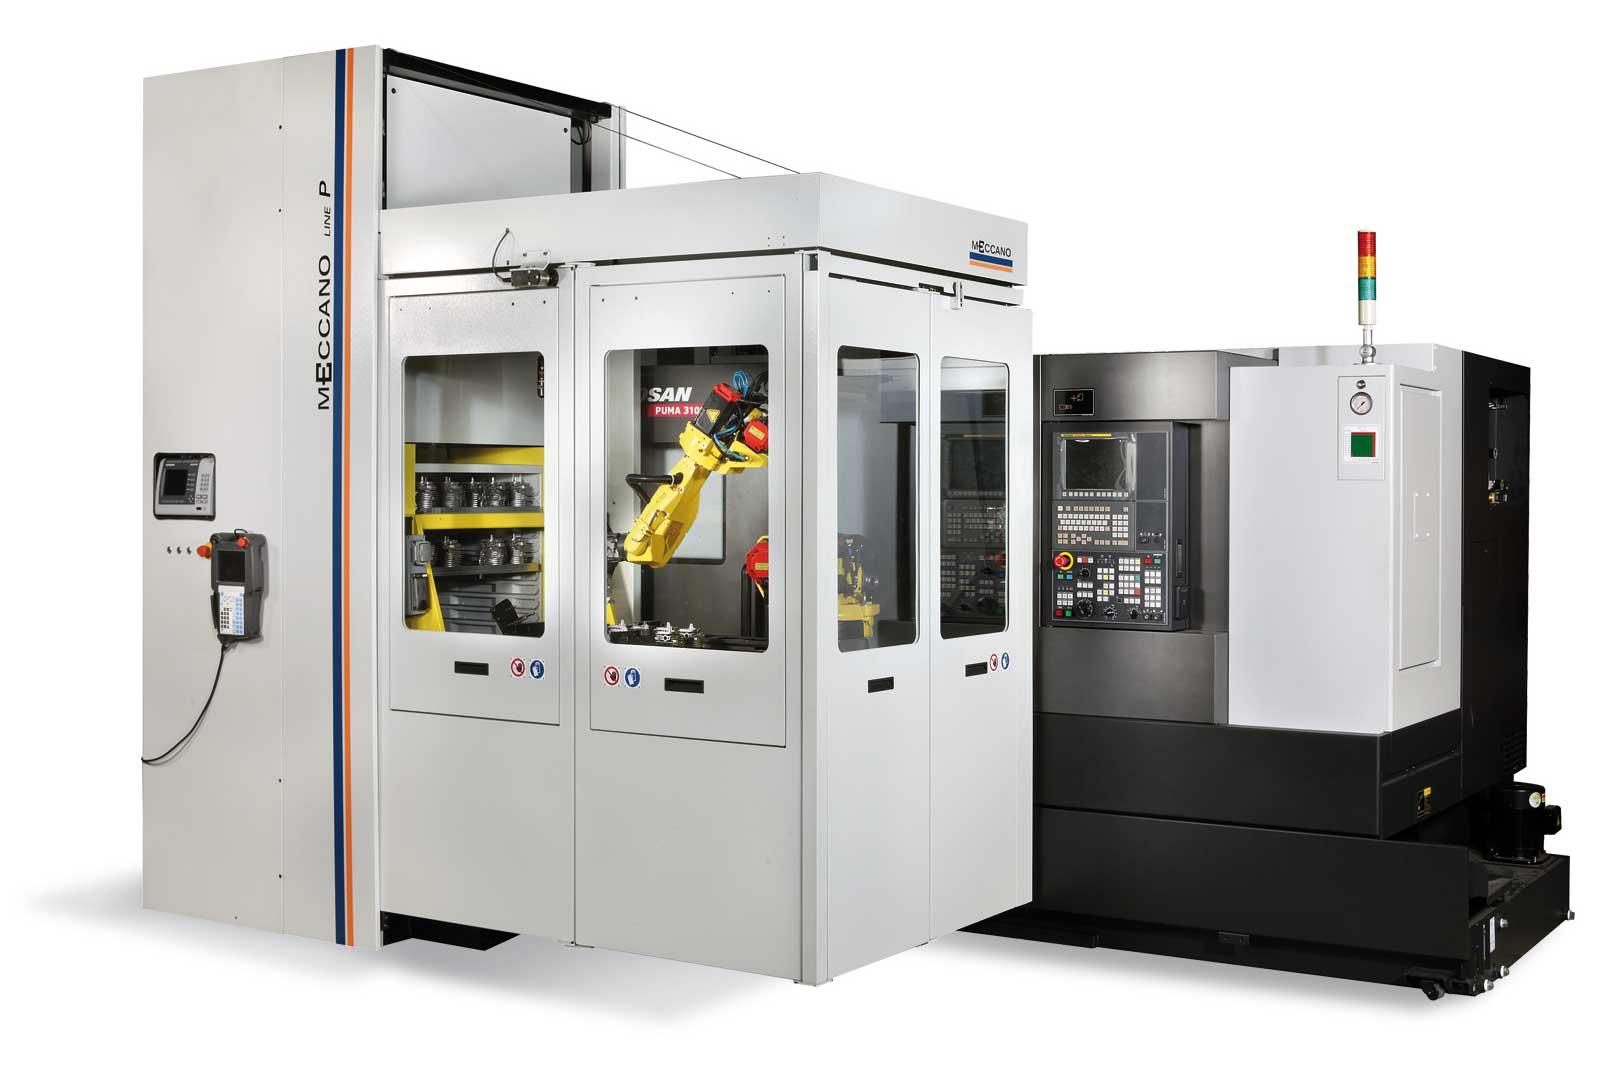 cassettiera robotizzata meccano in lavorazione automatica